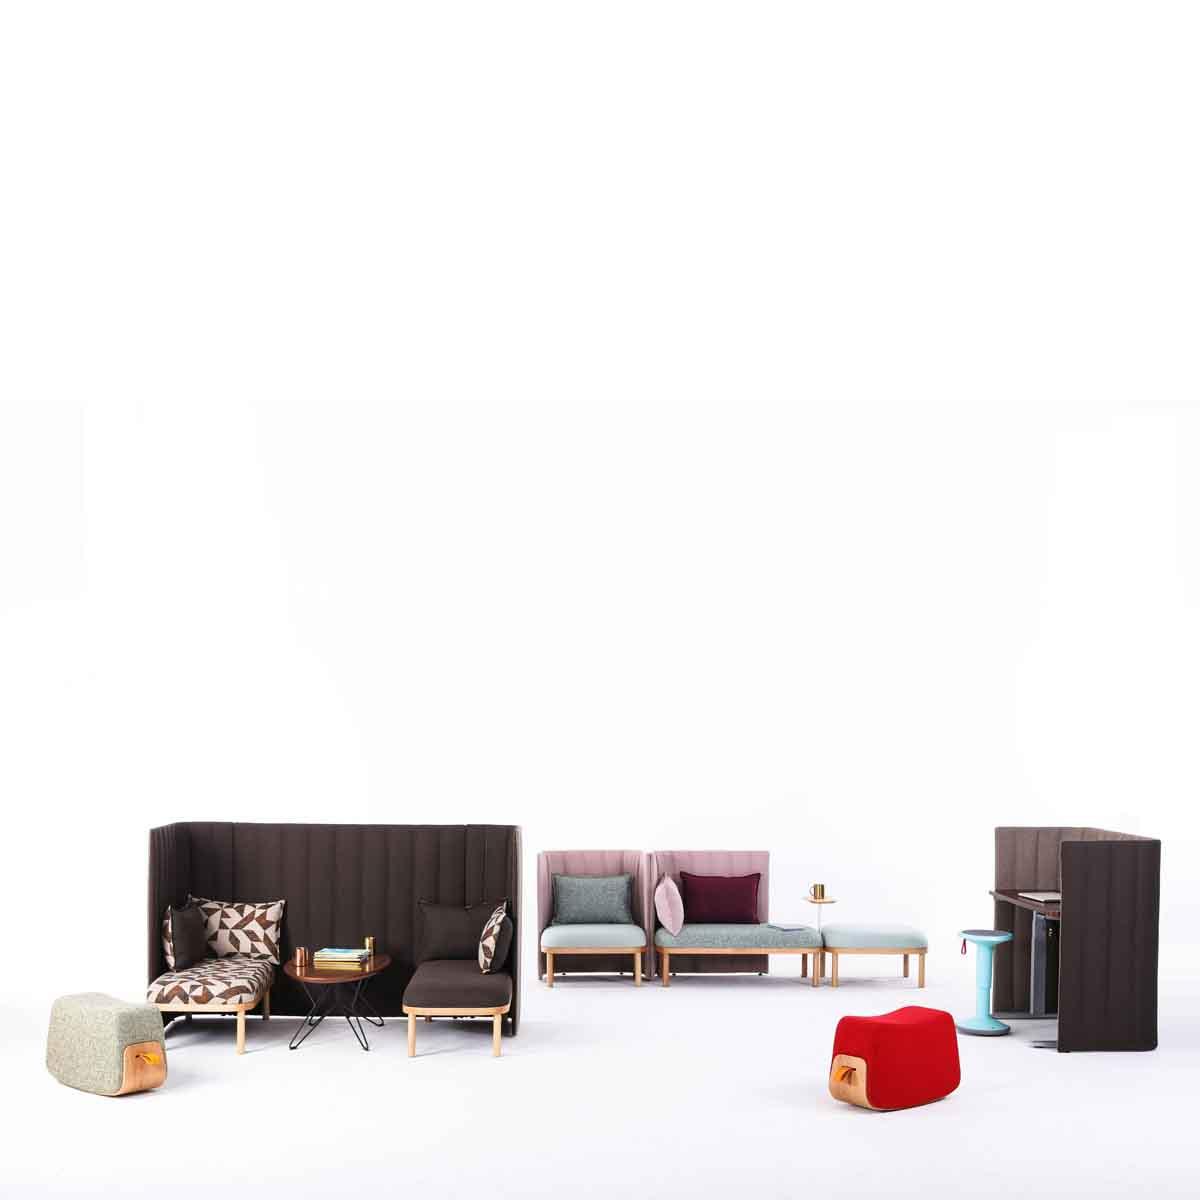 DASH-N屏风沙发_灵感空间沙发